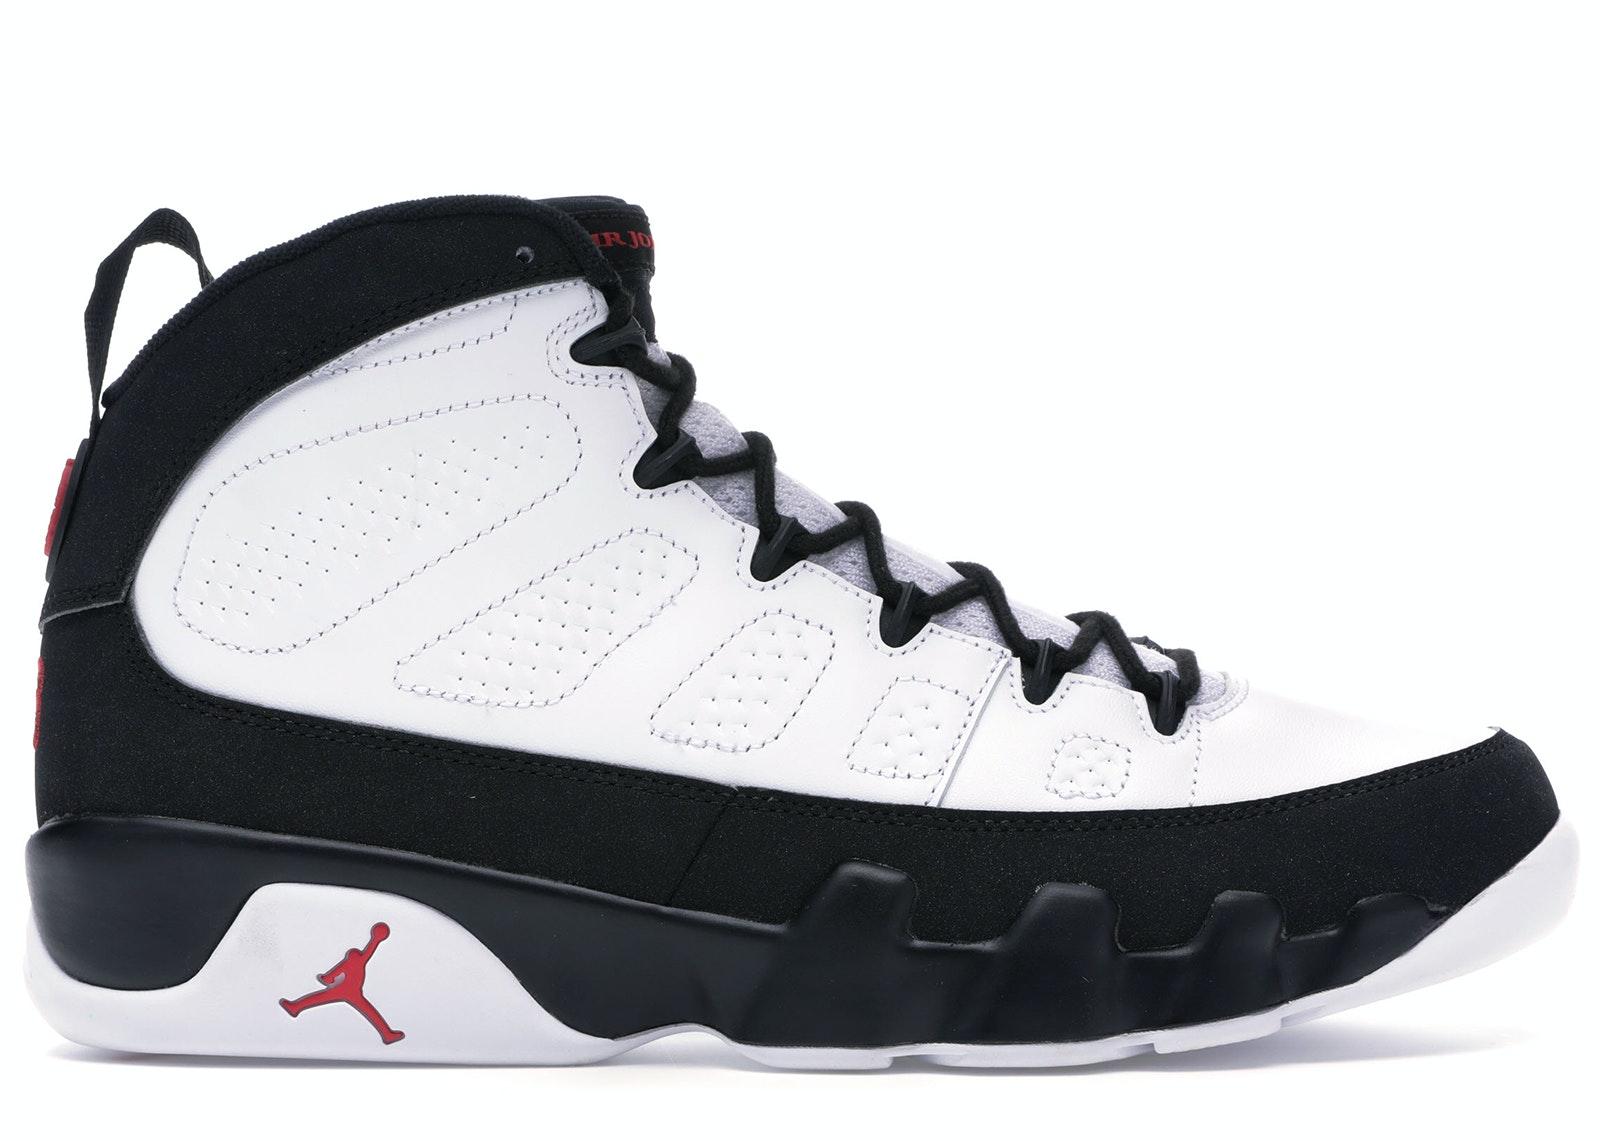 Jordan 9 Retro OG (2016)